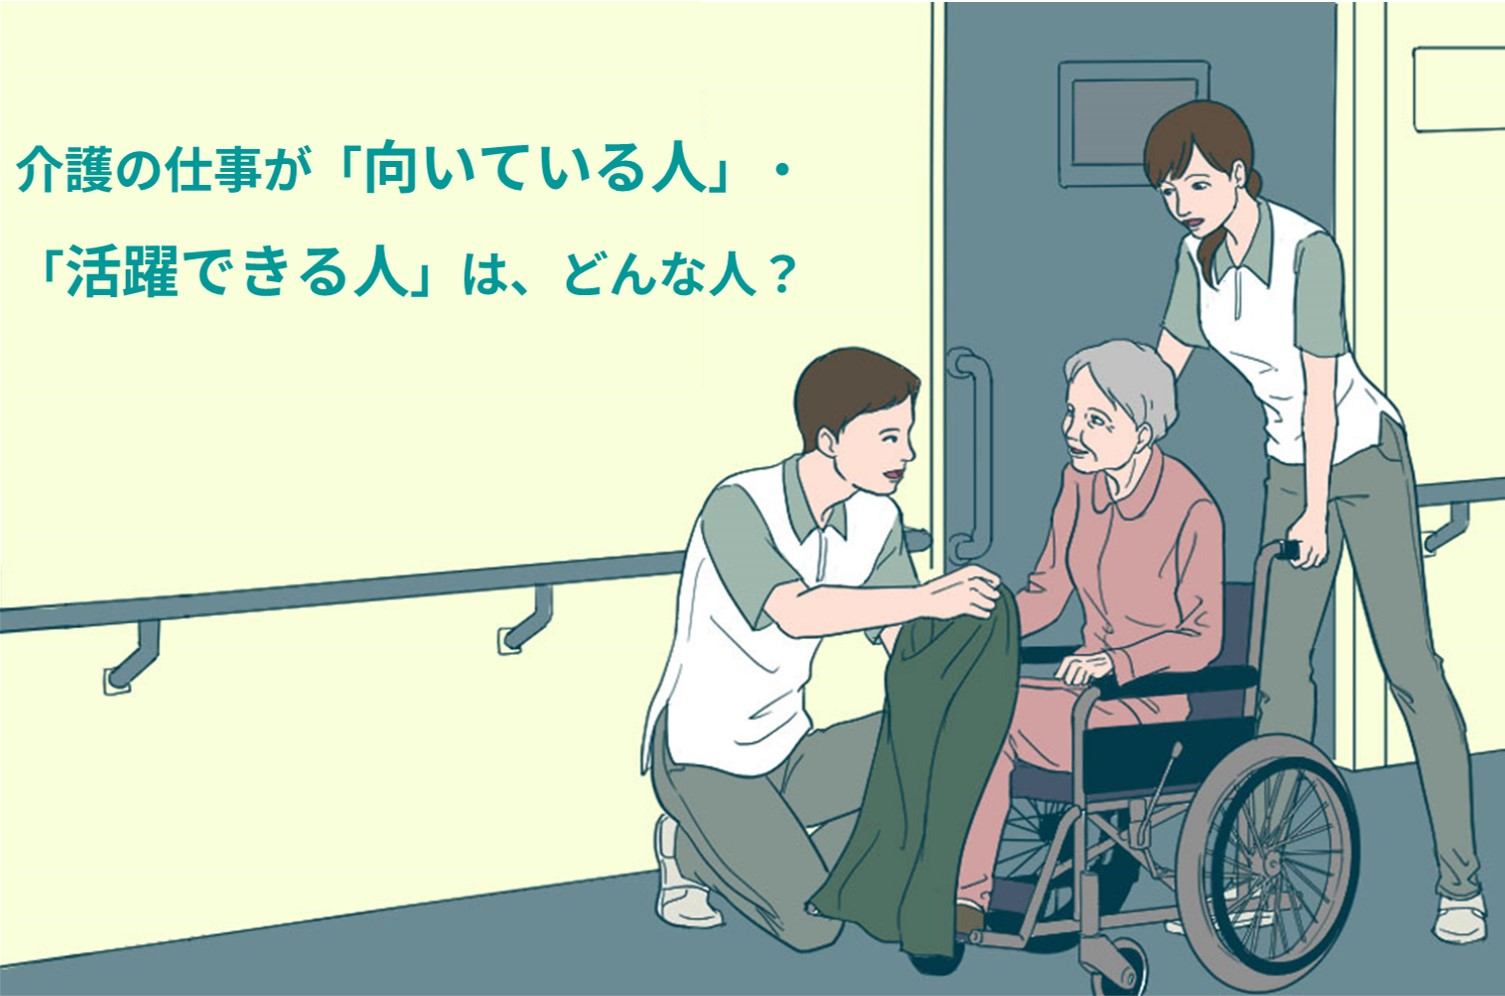 介護の仕事が「向いている人」・「活躍できる人」は、どんな人?